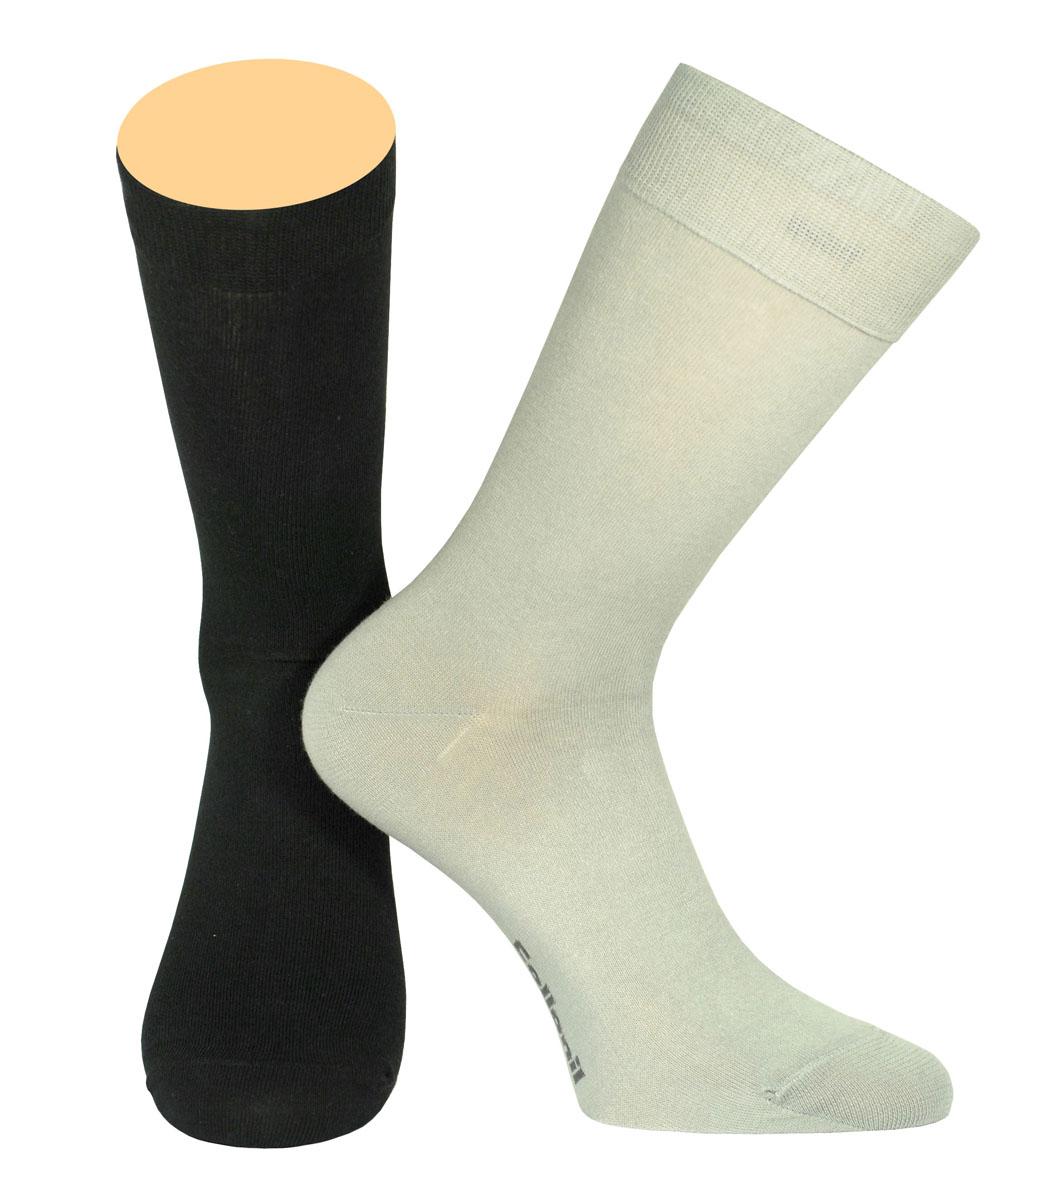 Носки мужские Collonil, цвет: черный, серый, 2 пары. CE3-40/02. Размер 43-46CE3-40/02Мужские носки Collonil изготовлены из эластичного хлопка с добавлением полиамида.Удлиненная широкая резинка не сдавливает и комфортно облегает ногу.В комплекте 2 пары.